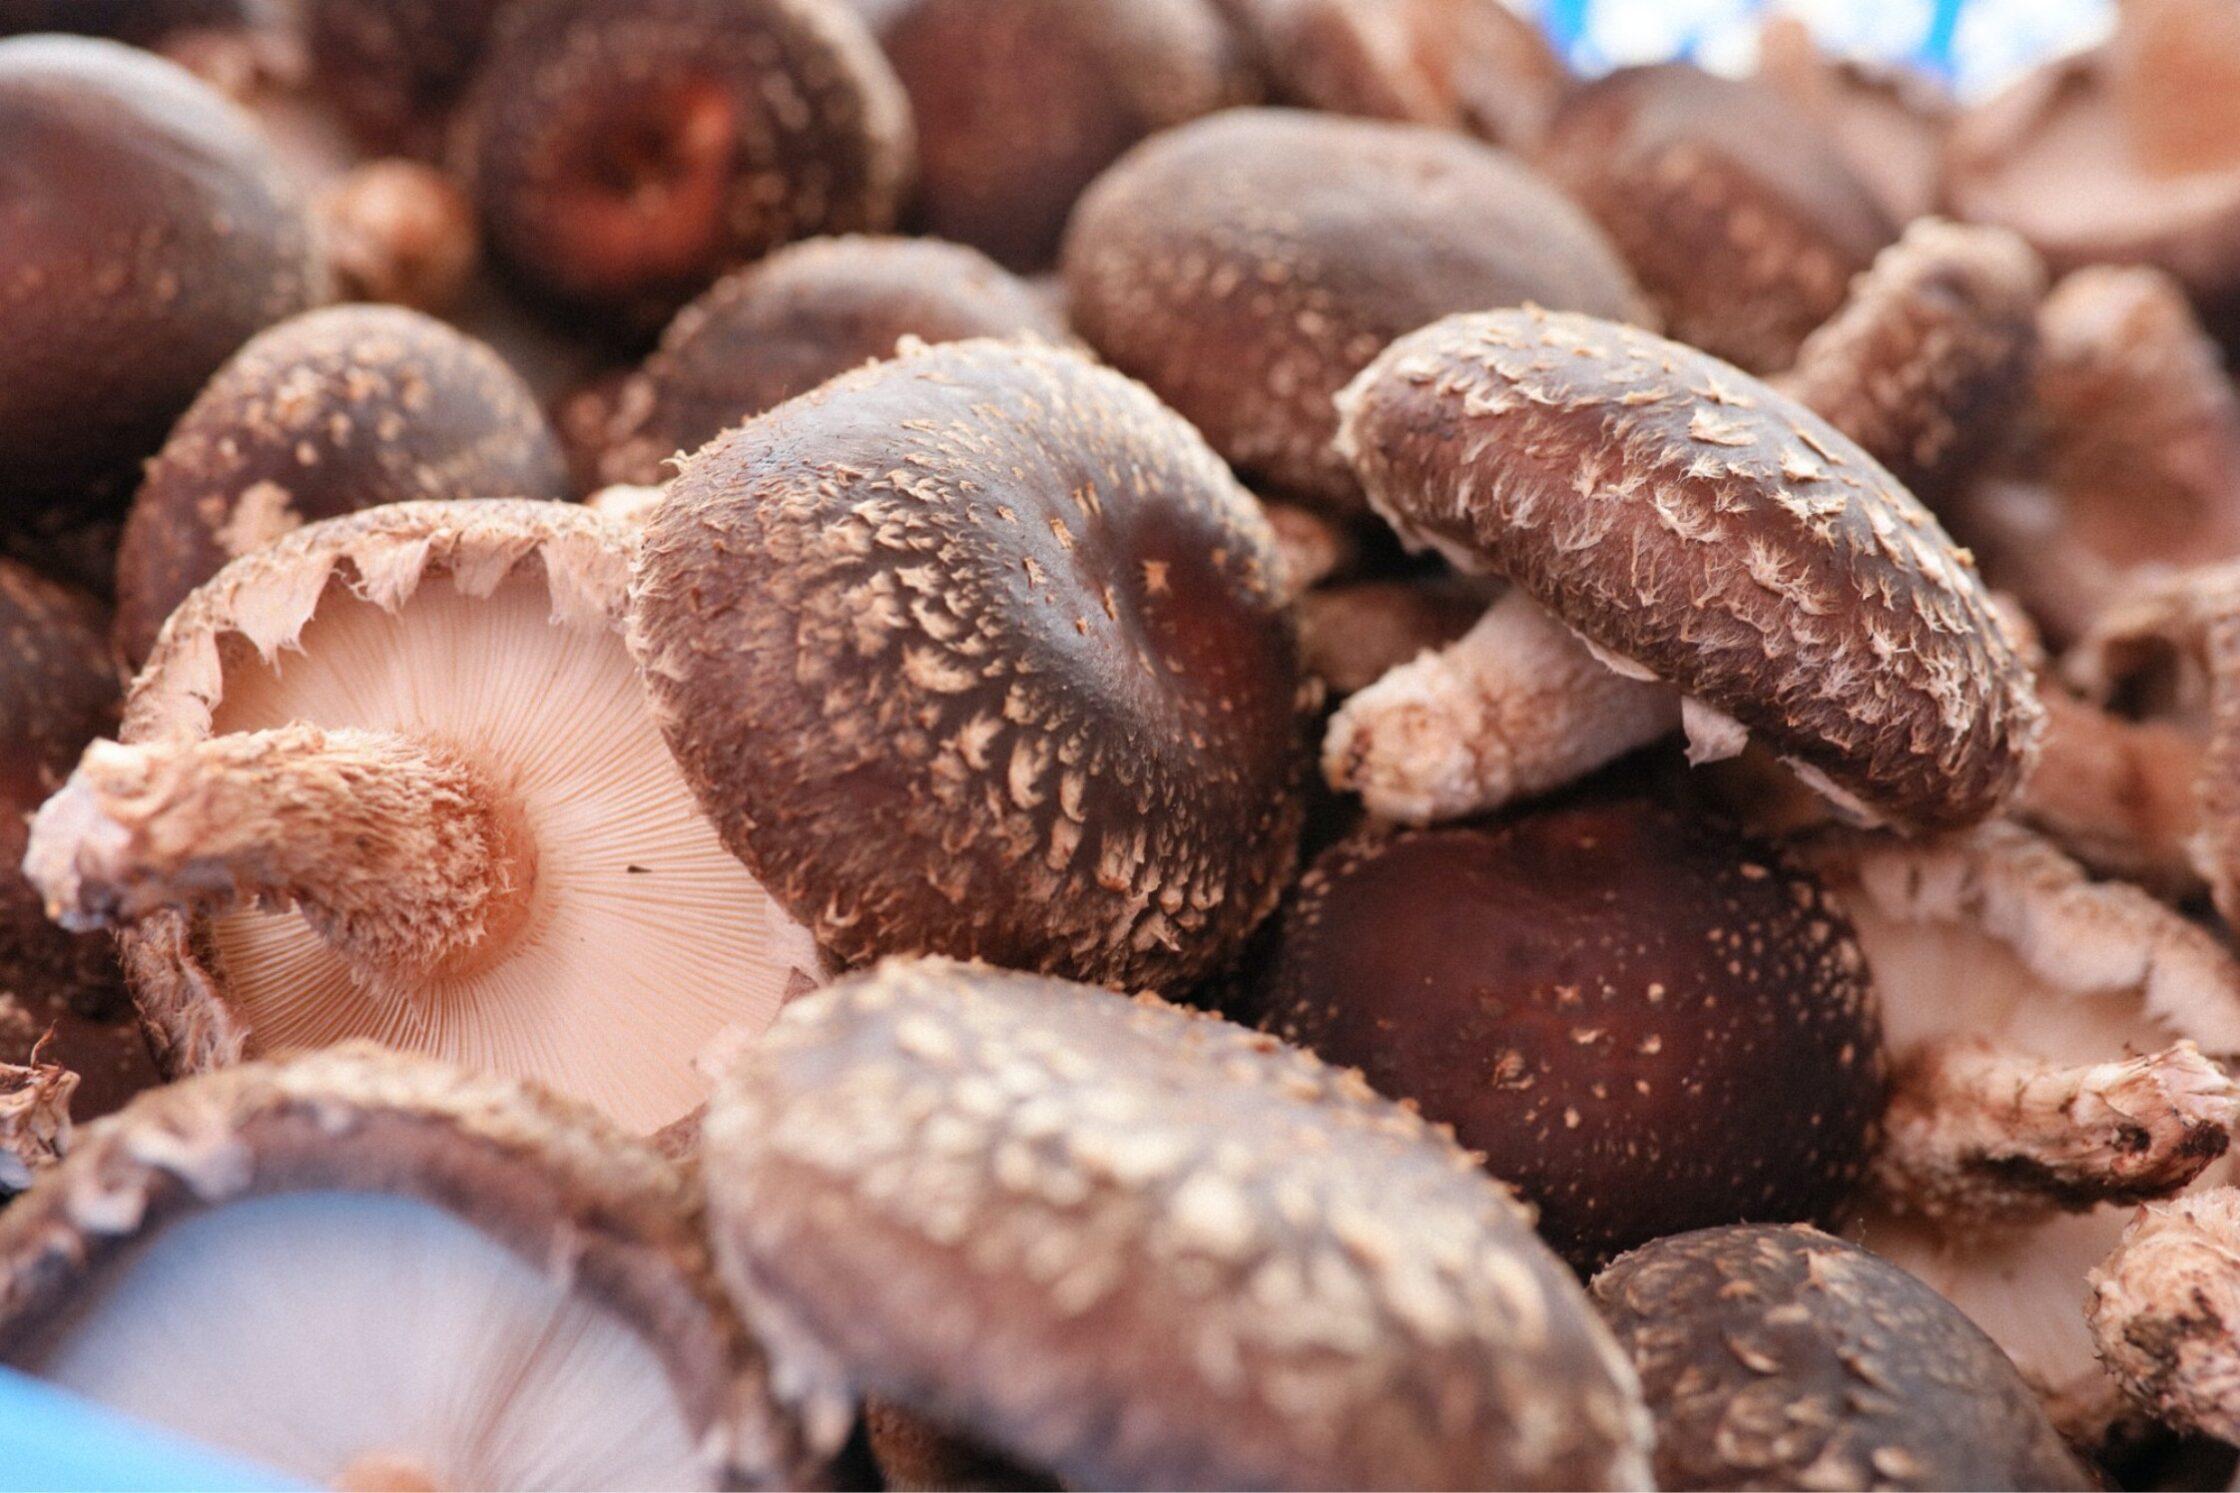 収穫したてのたくさんの椎茸の画像